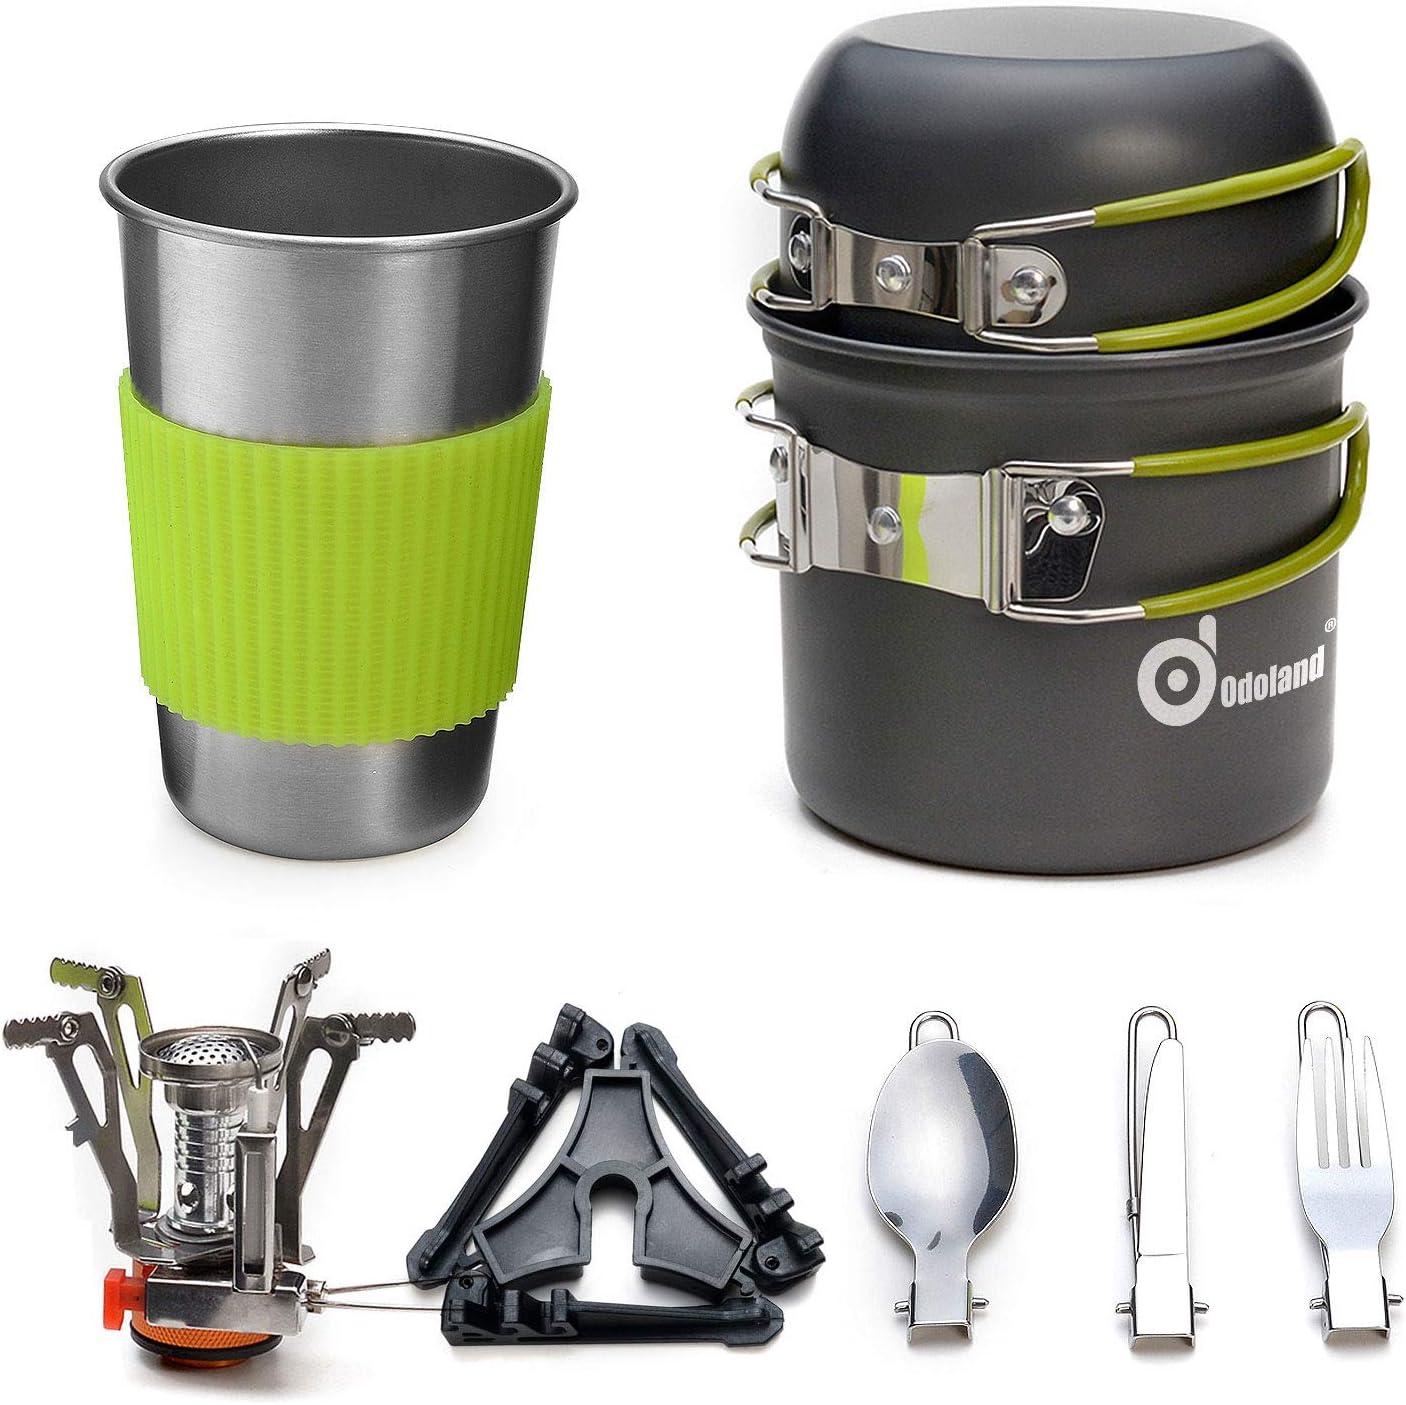 Odoland Utensilios Cocina Camping Kit con Ollas Camping y Sartén de Aluminio, Estufa Trekking, Taza de Acero Inoxidable, Cubiertos Plegable - ...